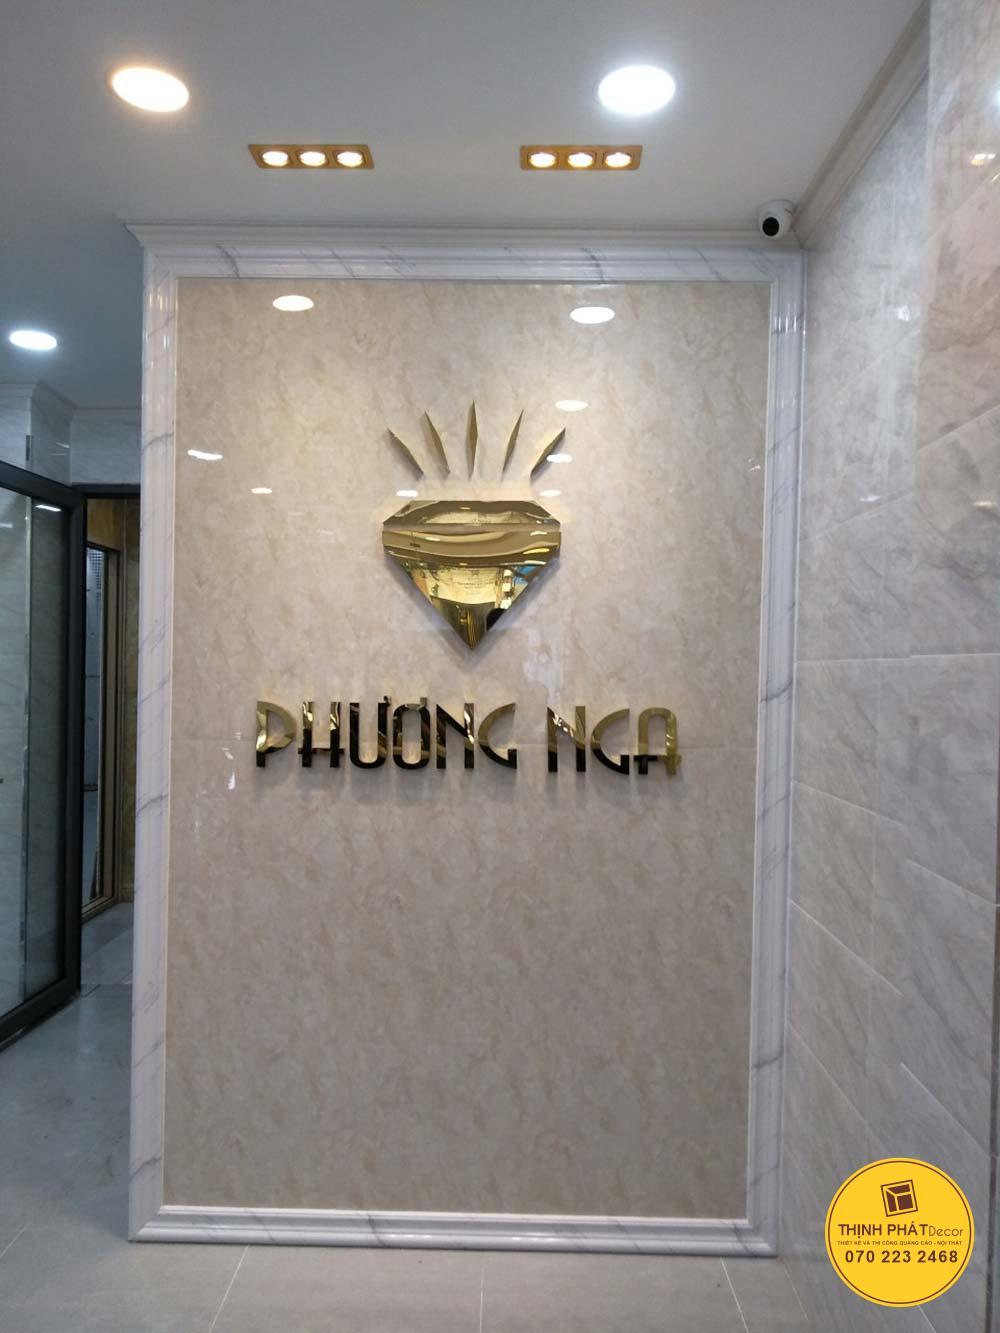 Thi công logo bằng inox vàng tại quận 1 TPHCM